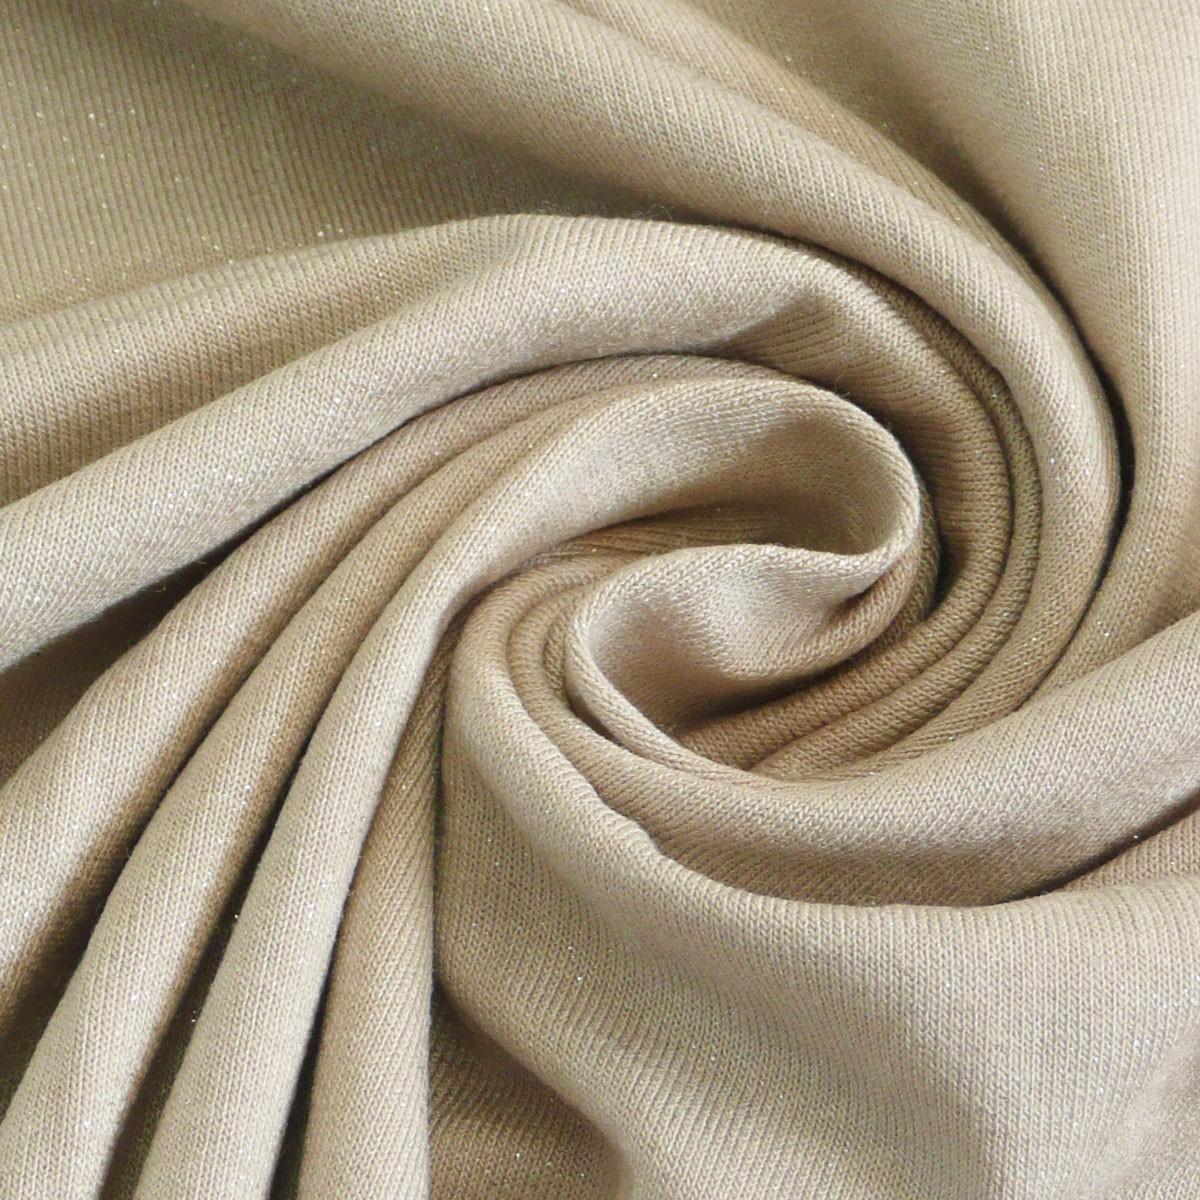 jersey stoff meterware glitzer beige 1 4m breite alle stoffe stoffe uni kunstfasern. Black Bedroom Furniture Sets. Home Design Ideas